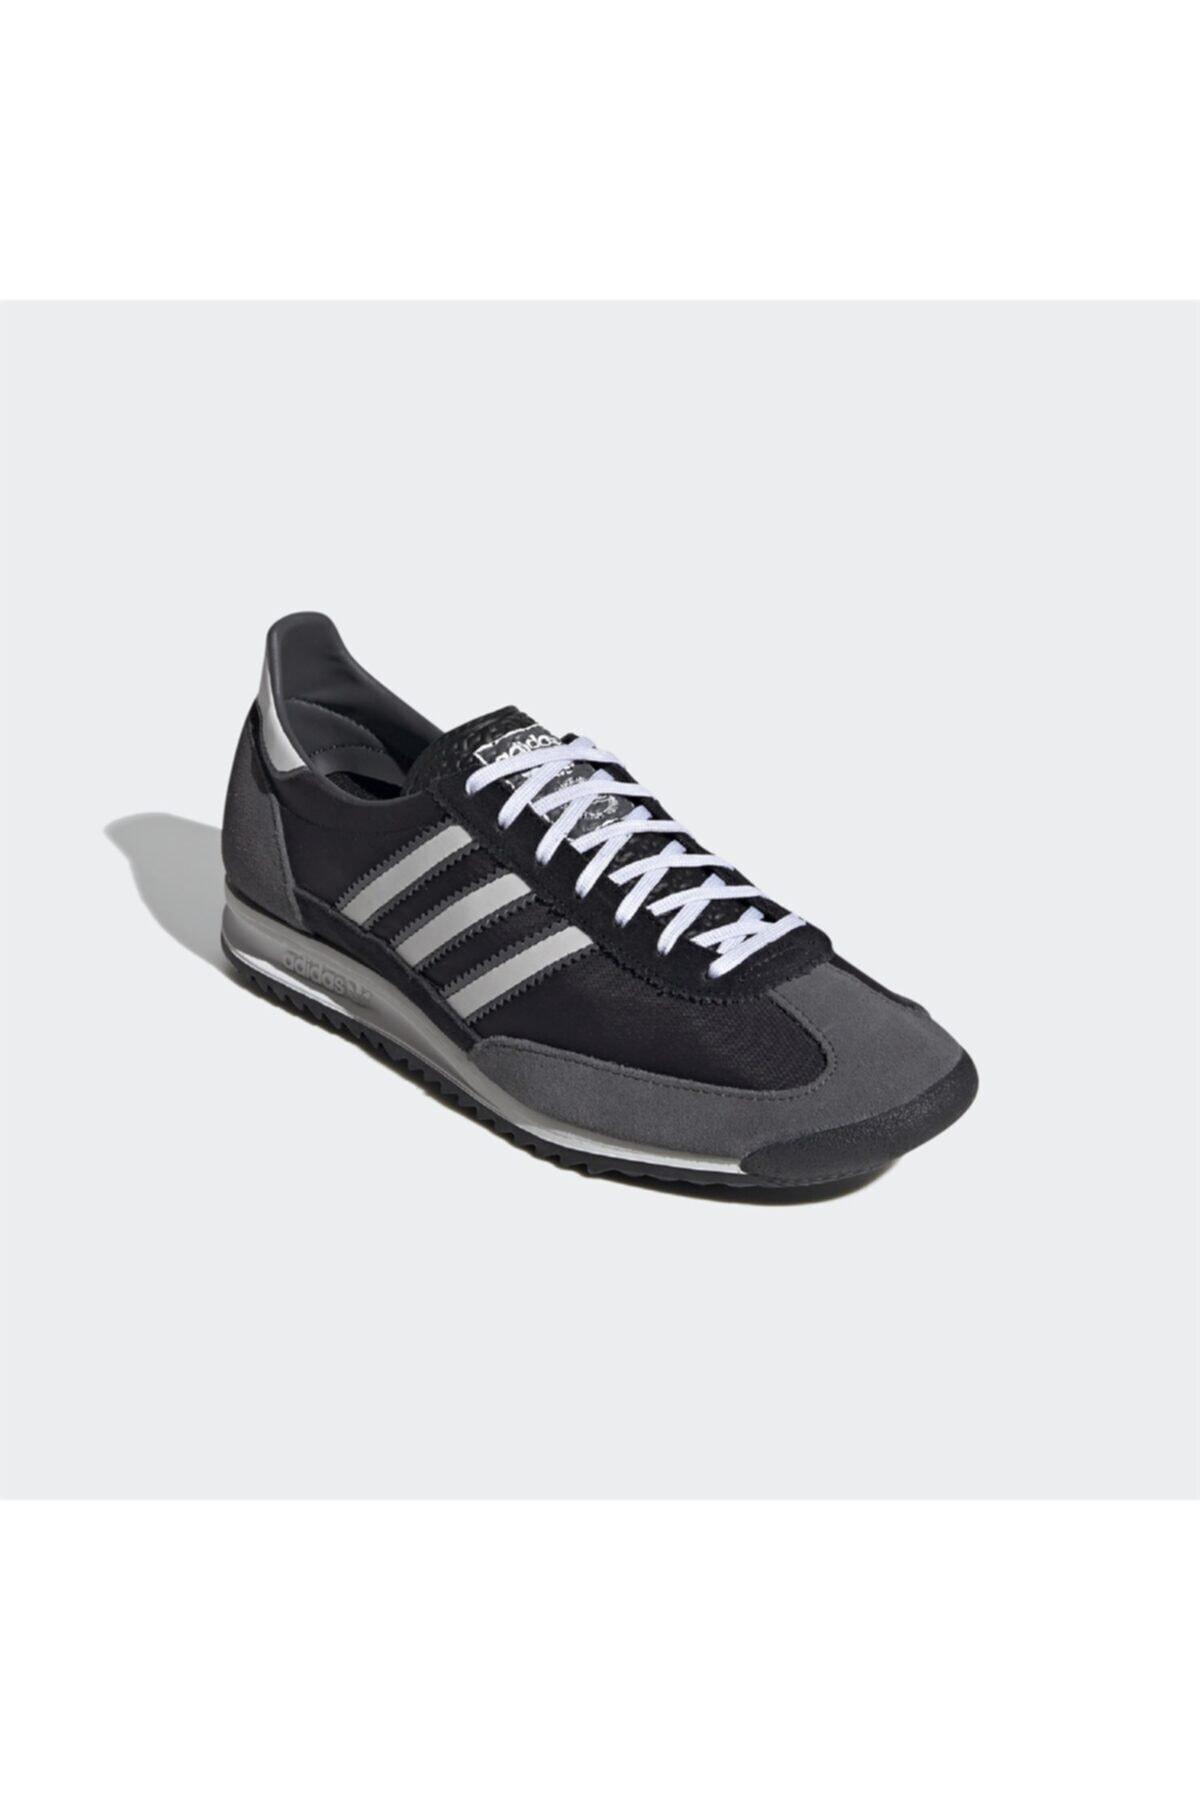 adidas Sl 72 Cblack/greone/gresıx 2